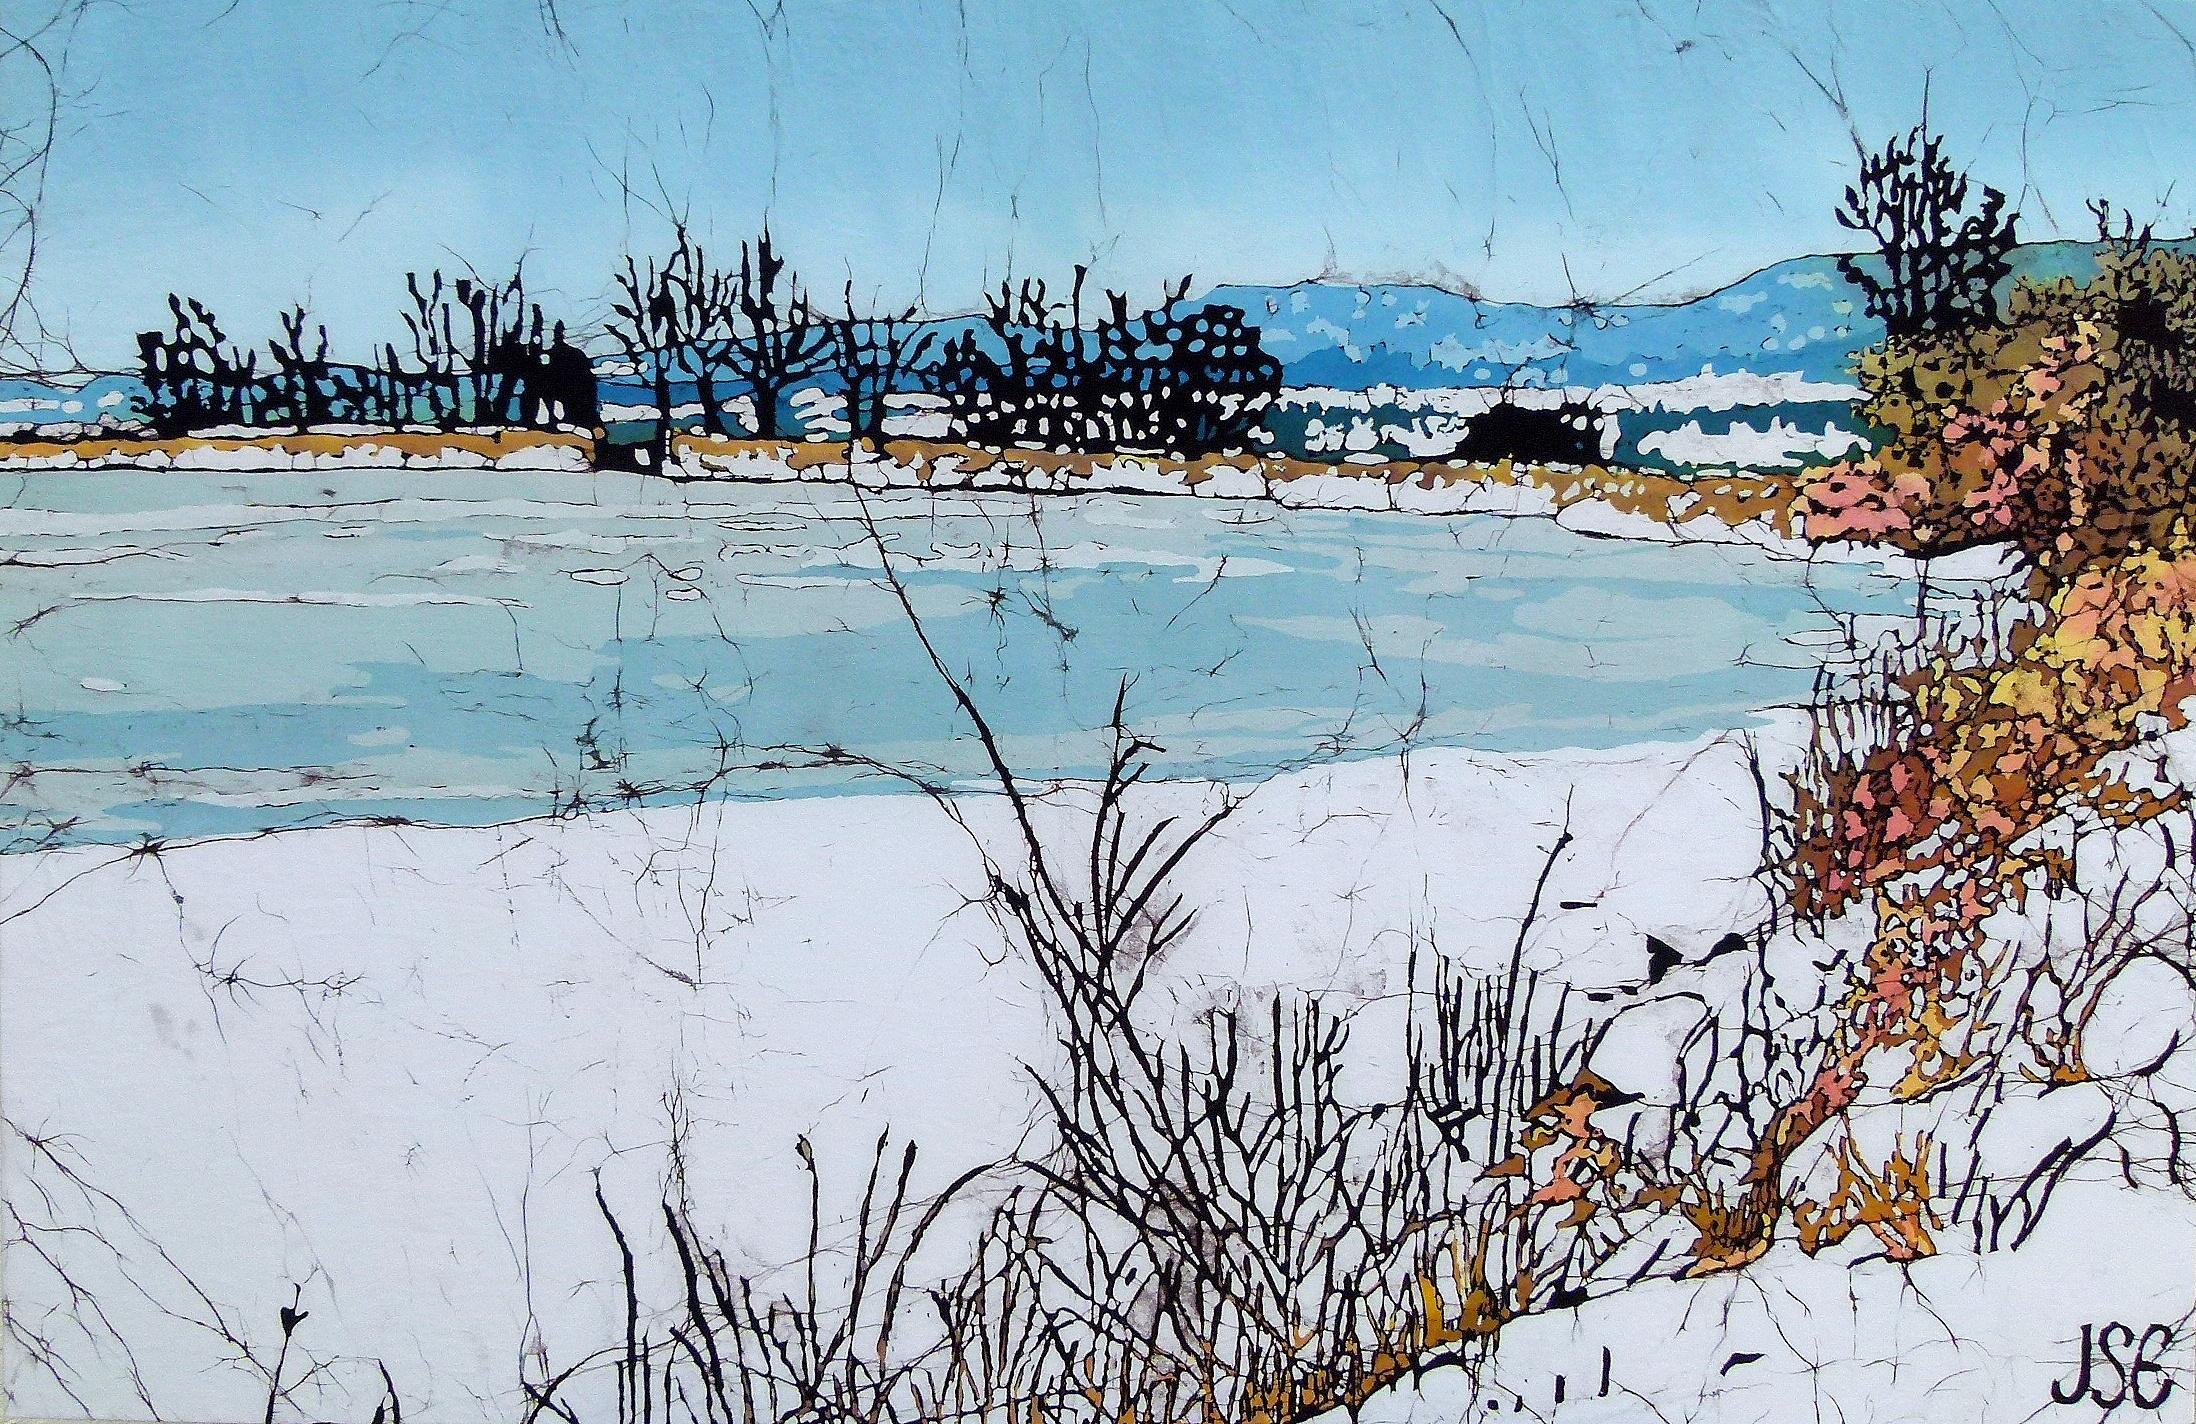 Daigre Lake